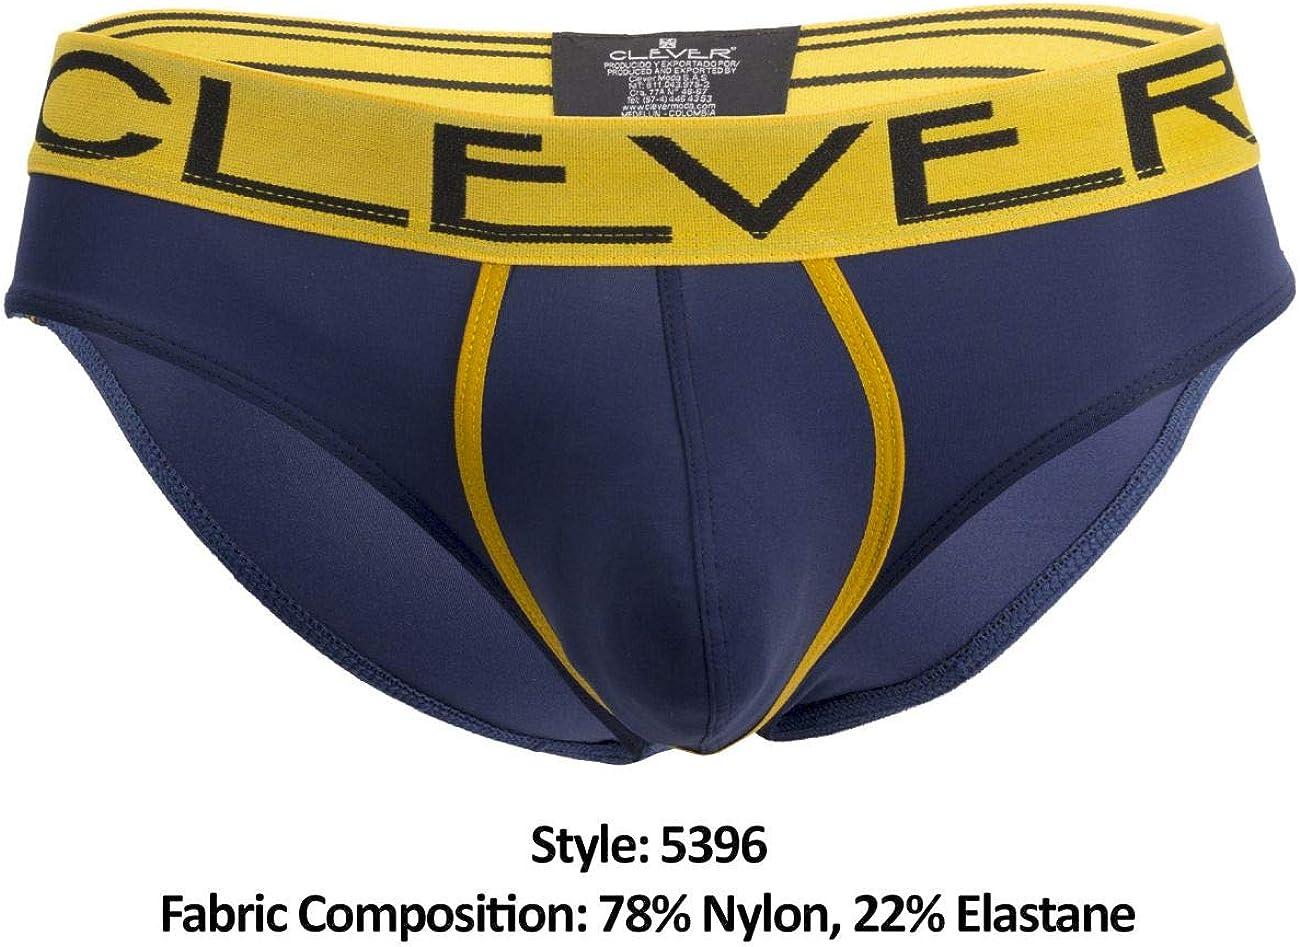 Clever Masculine Male Briefs Underwear for Men